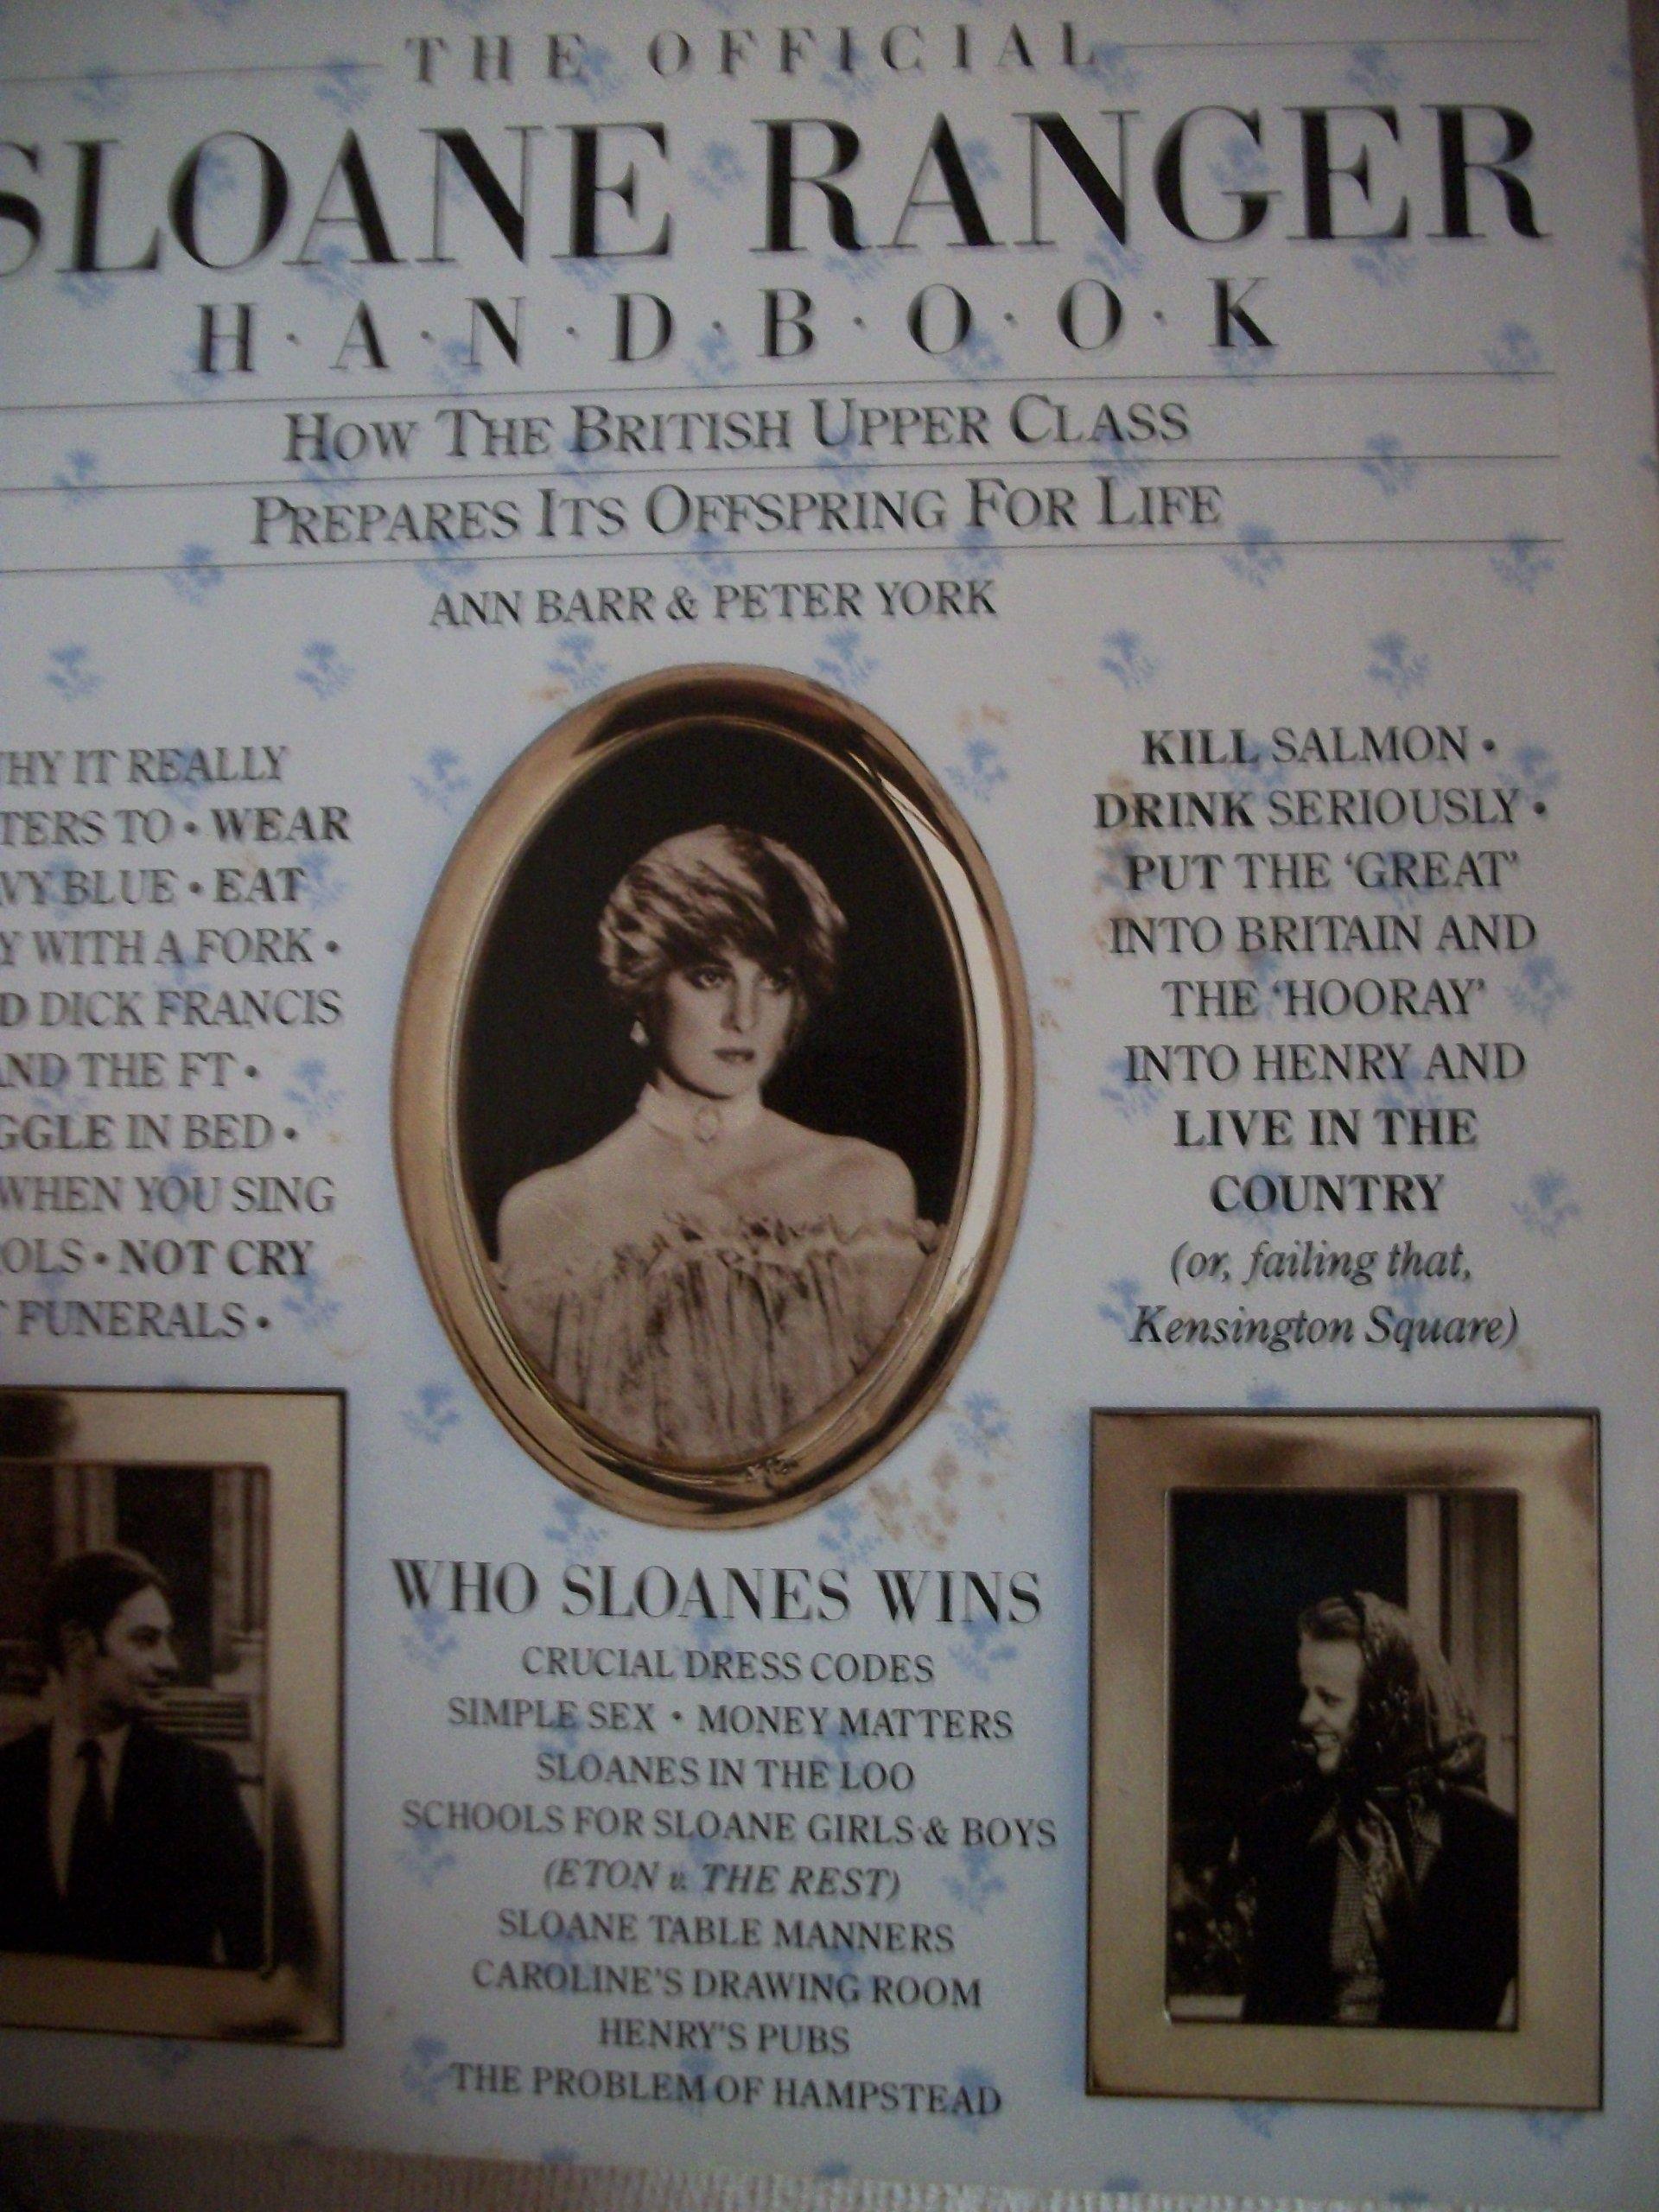 Sloane ranger handbook